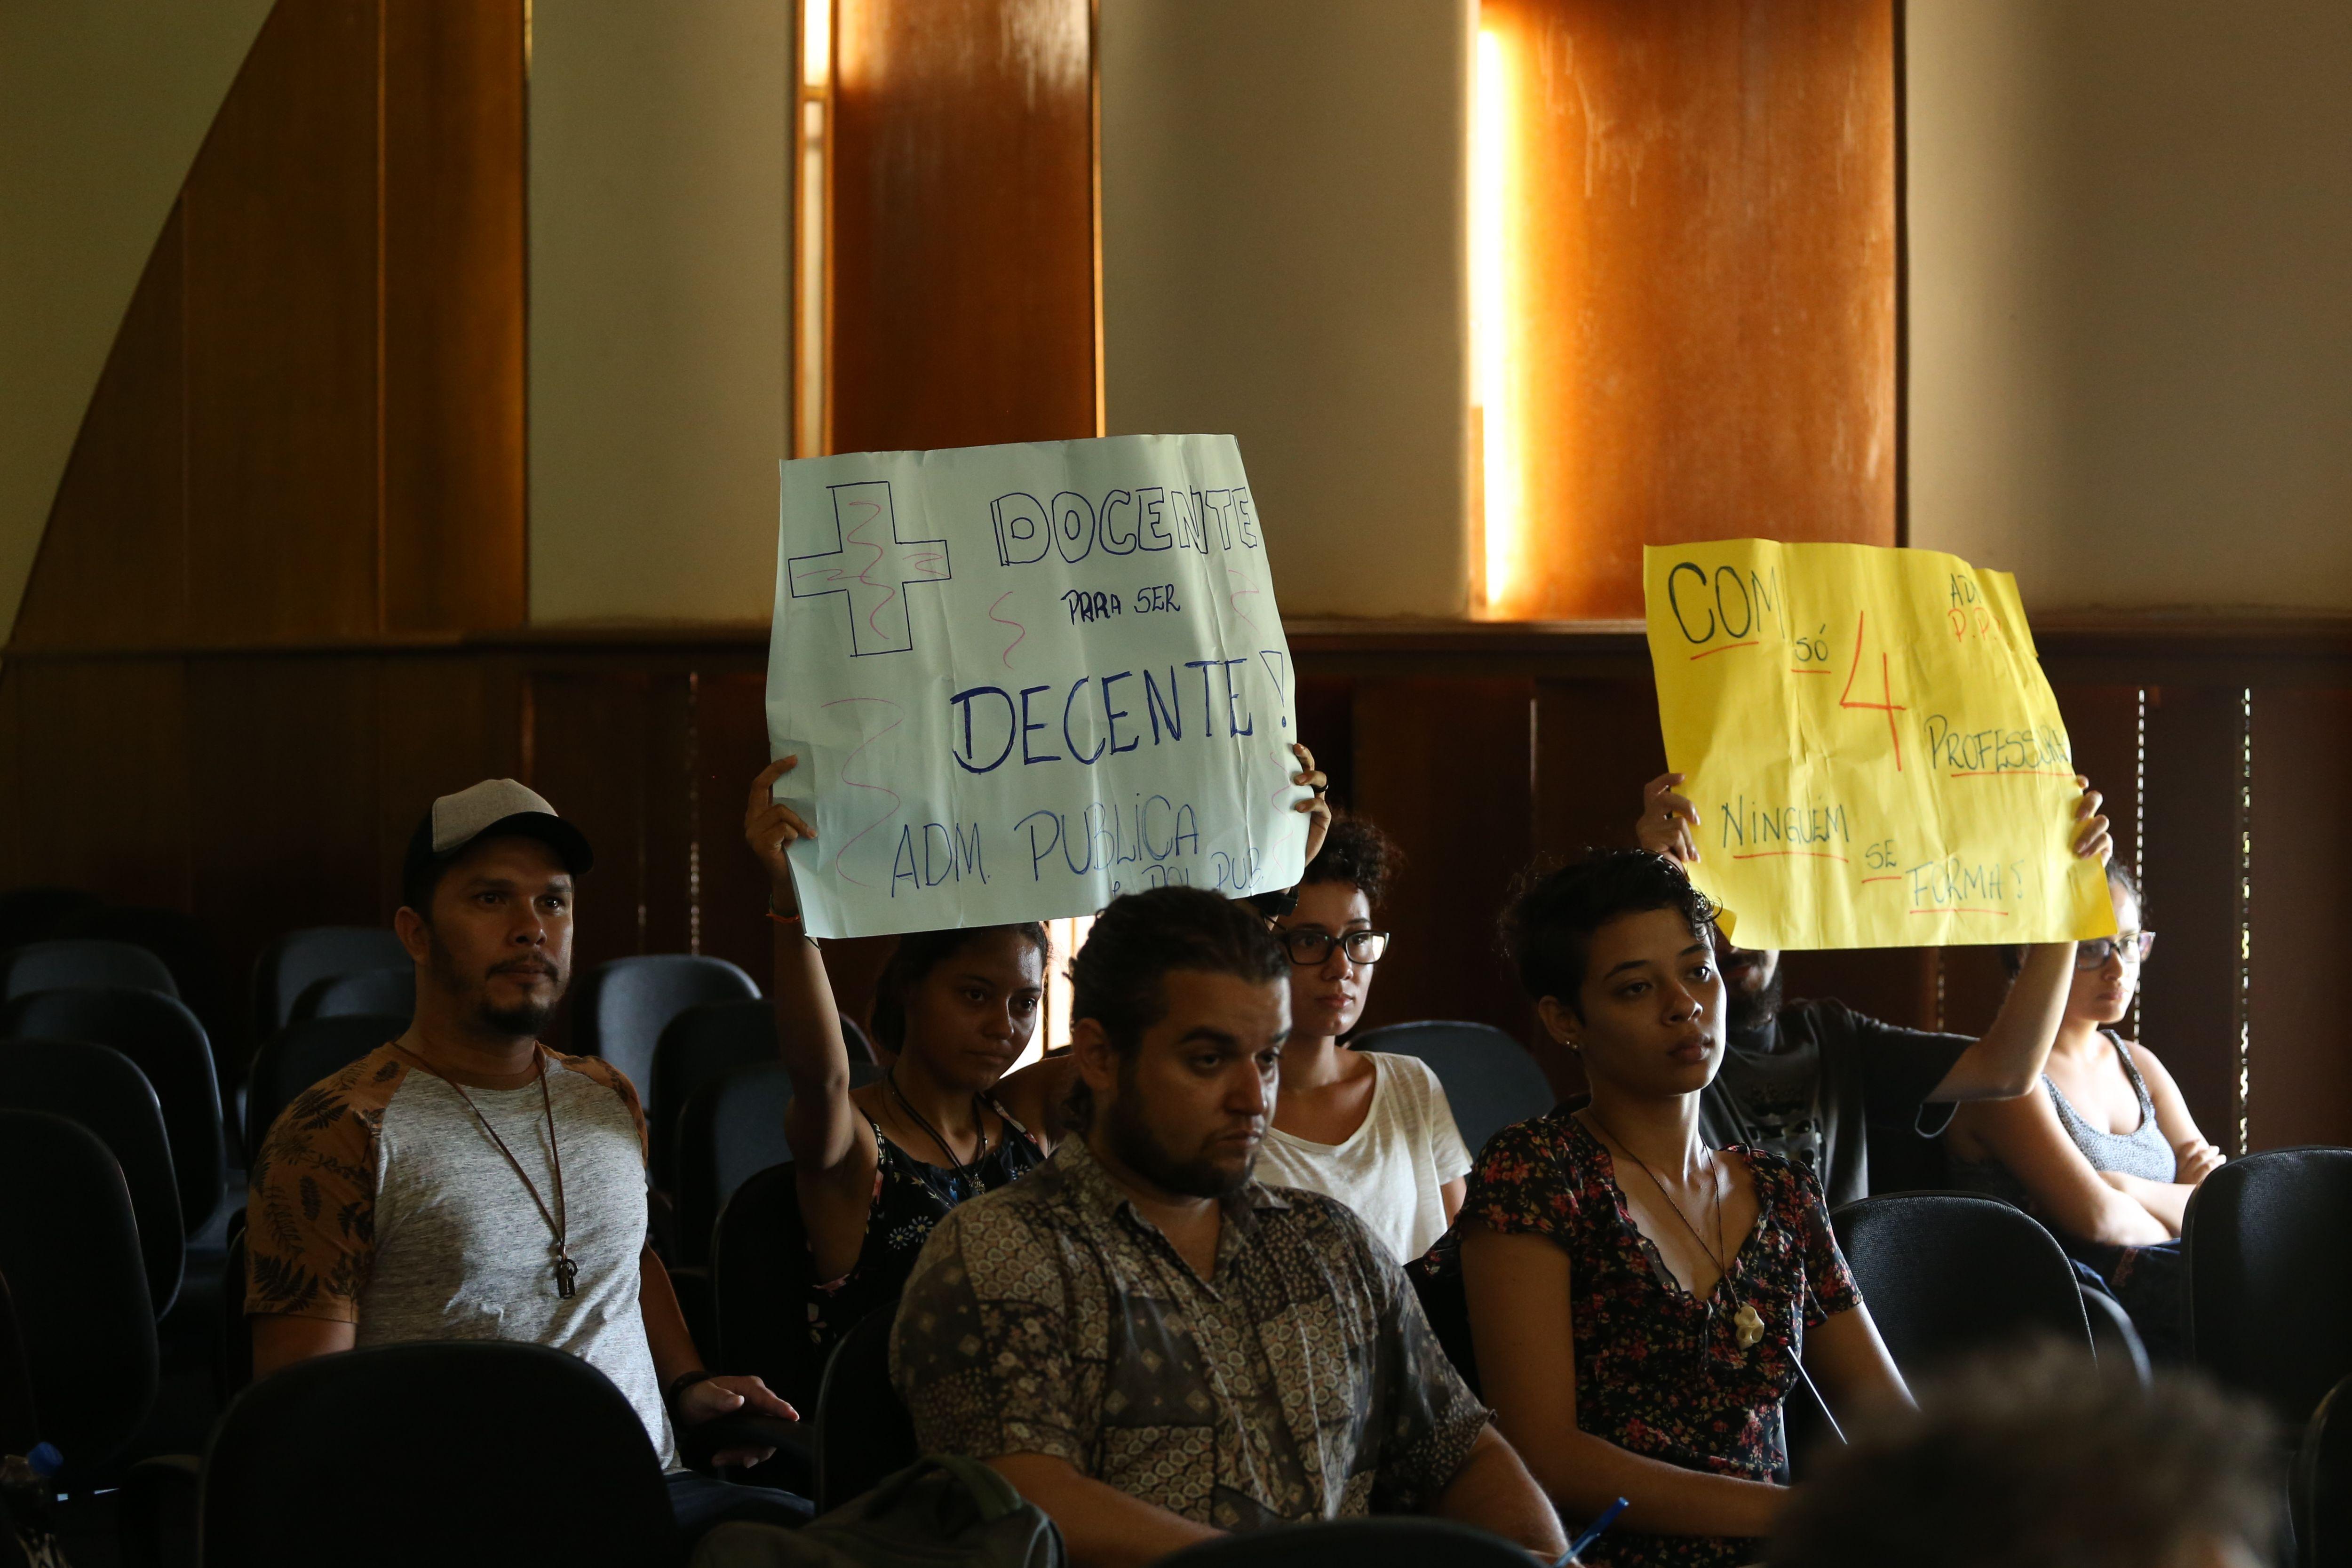 Estudantes sentados no auditório seguram cartazes pedindo mais professores para o curso de Administração Pública